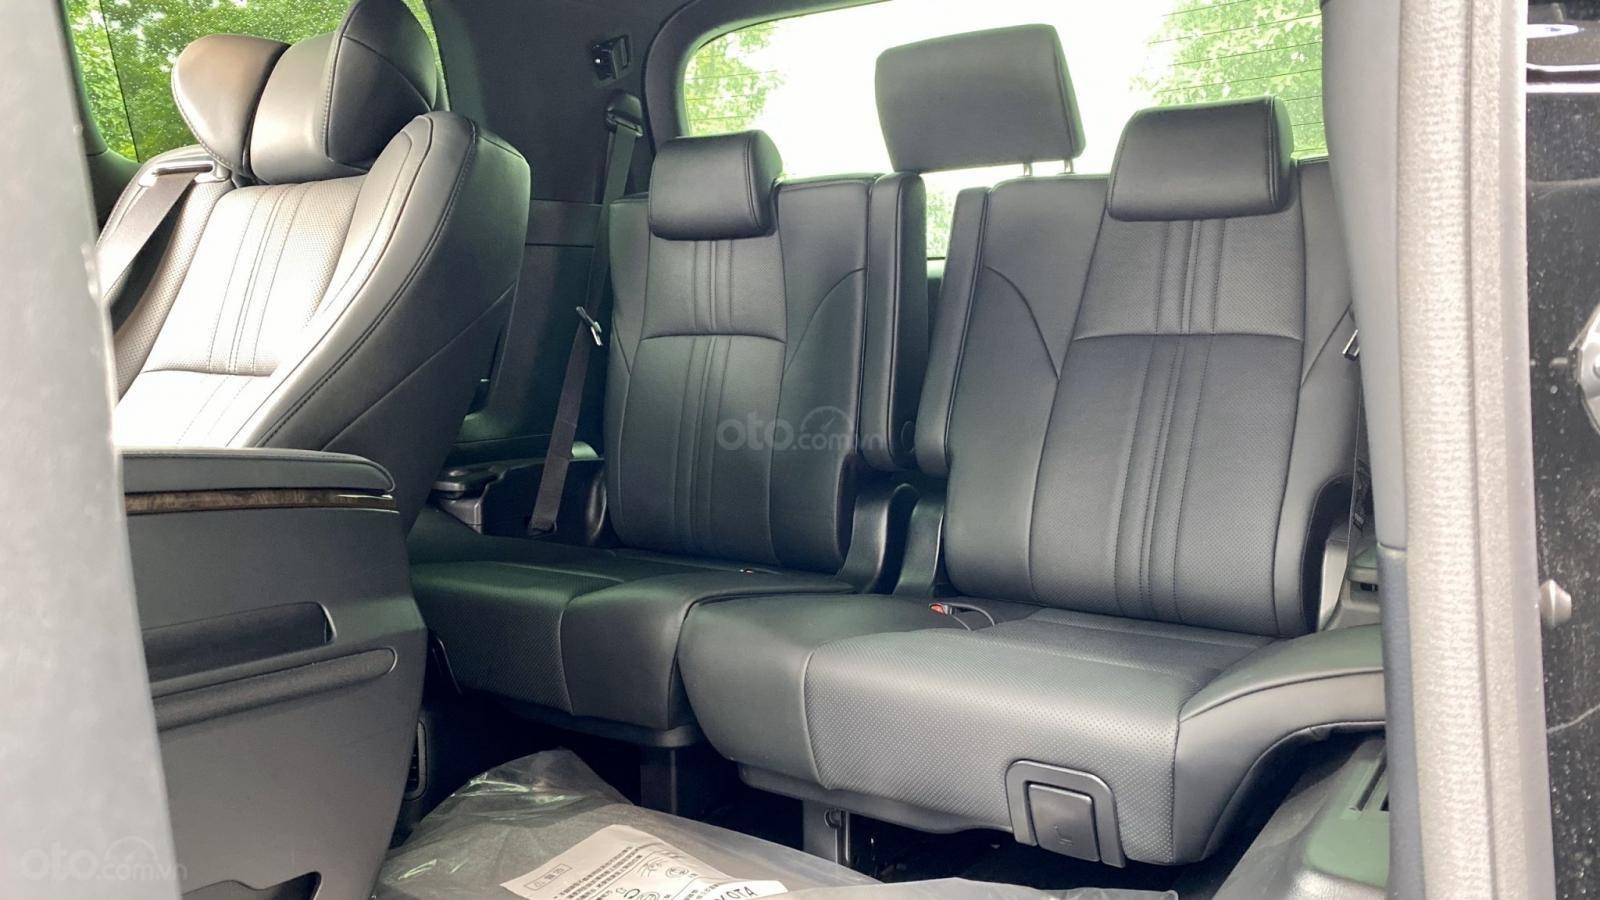 Toyota Alphard Limited 3.5 SX 2016 tên công ty XHĐ cao, xe cực đẹp (12)